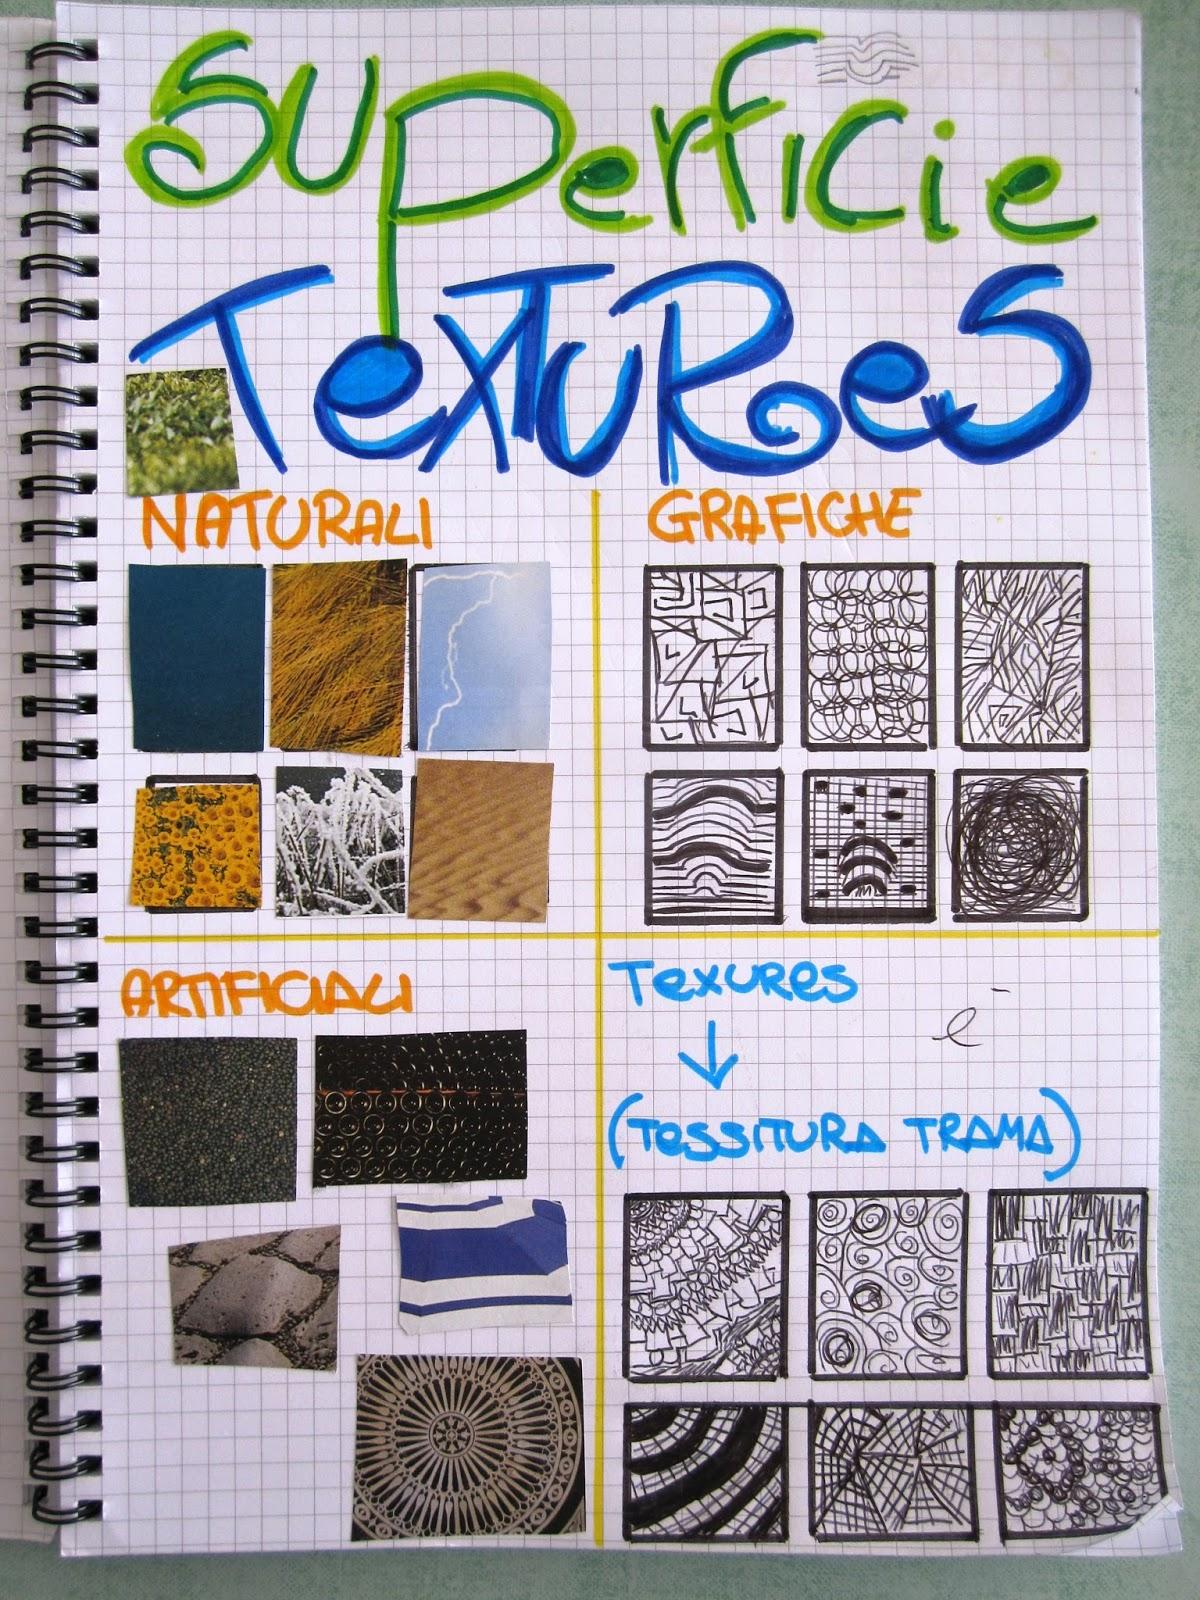 Super immagin@rti: Textures exercise. Il quaderno di Arte. HV02